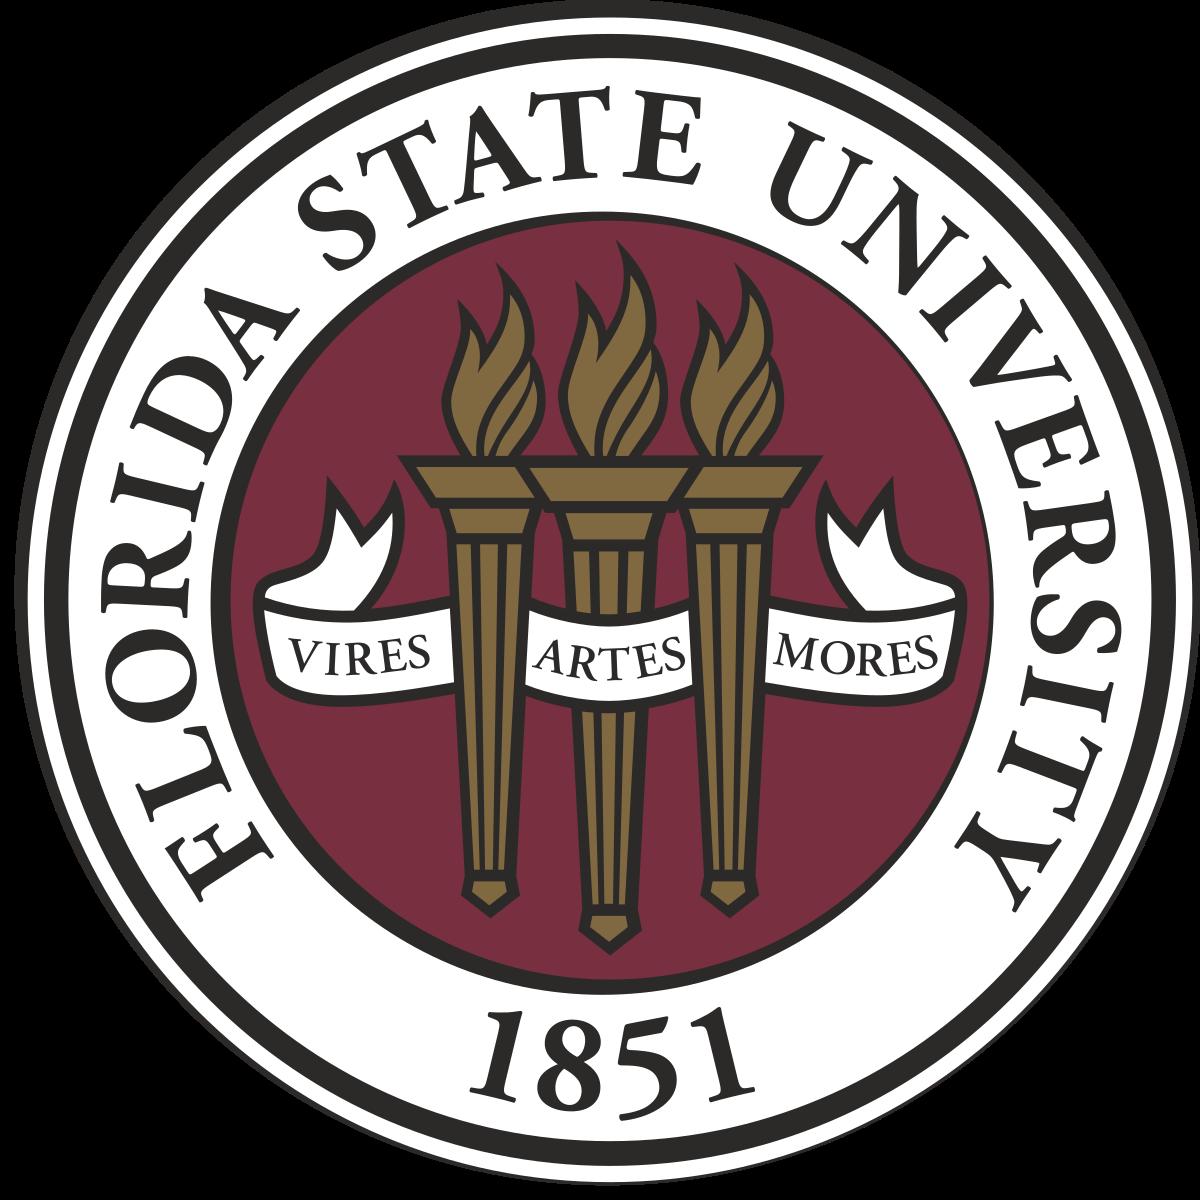 Florida_State_University_seal